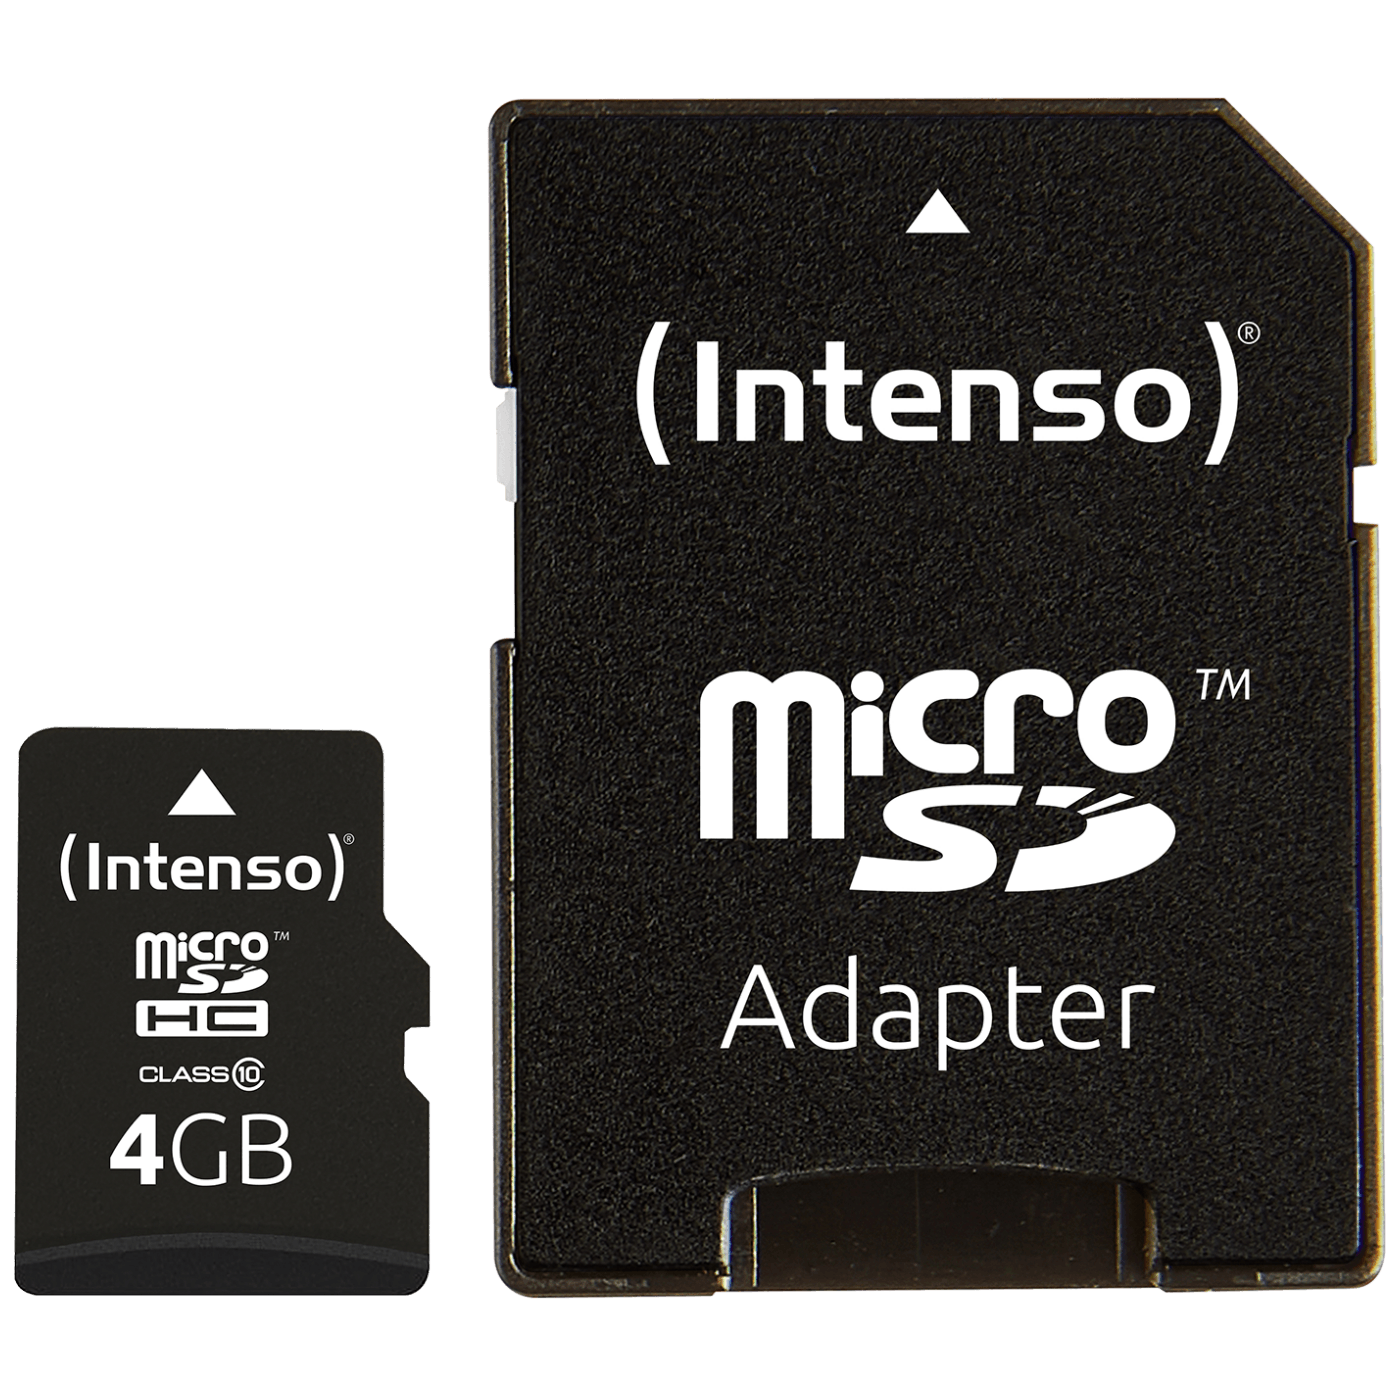 SDHCmicro+ad-4GB/Class10